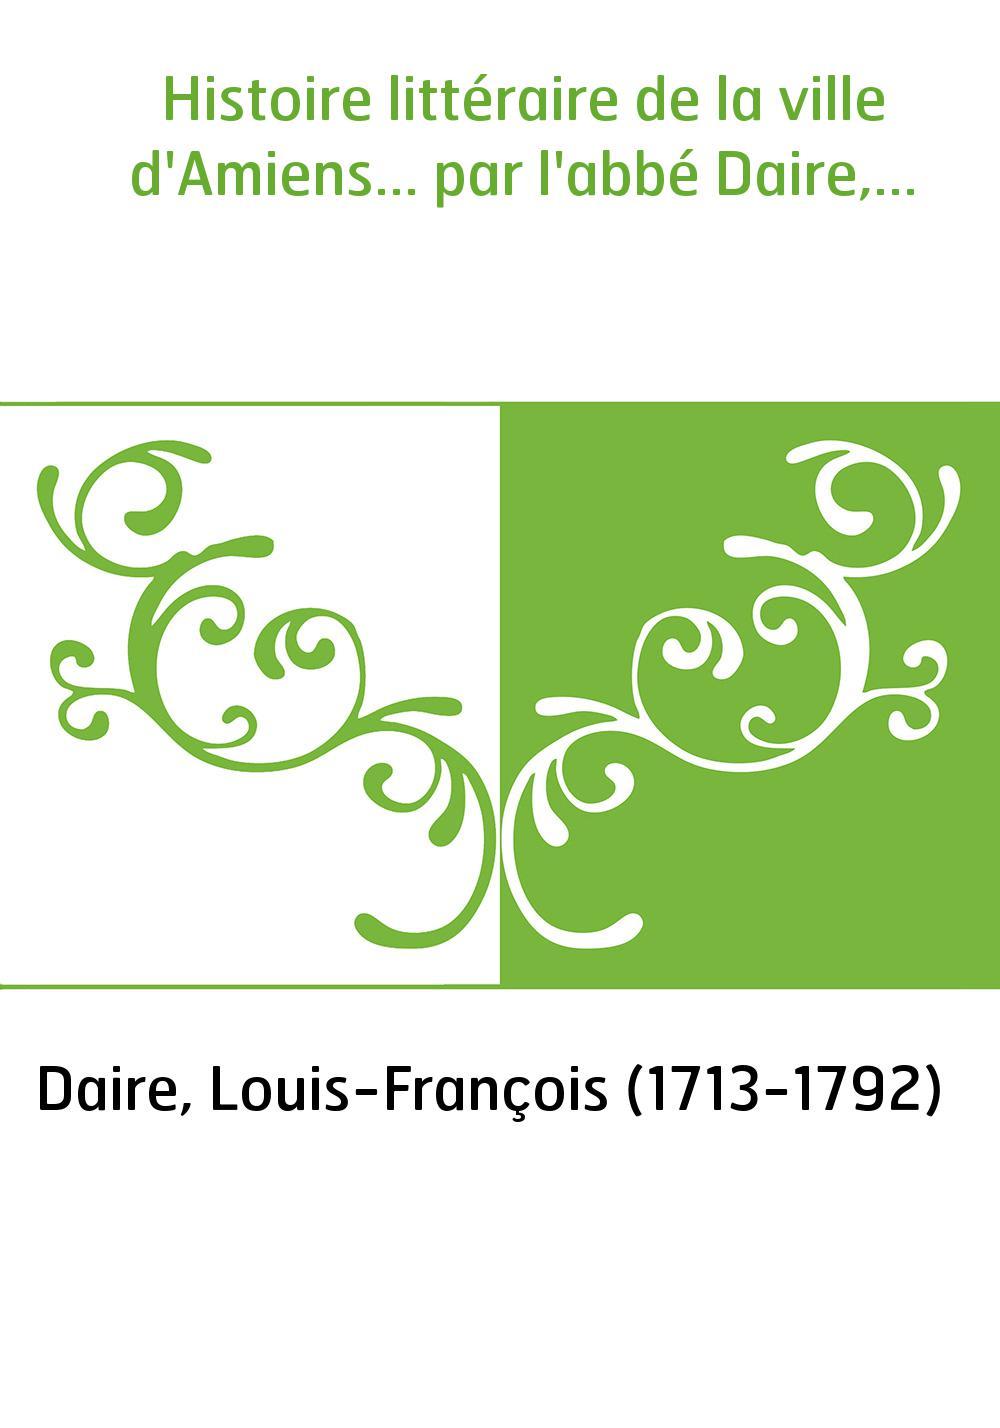 Histoire littéraire de la ville d'Amiens... par l'abbé Daire,...